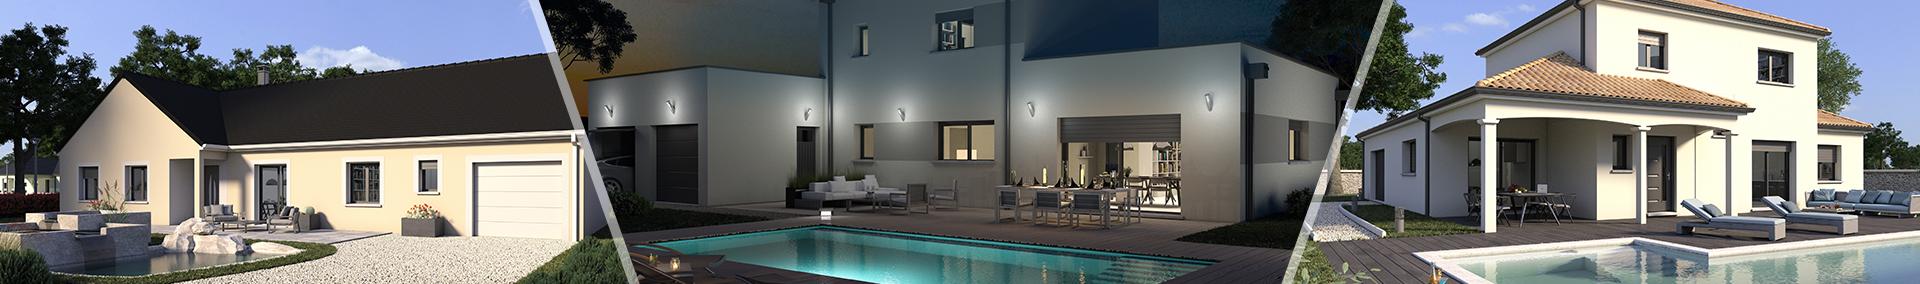 Réalisez votre projet de construction avec Maisons Bruno Petit